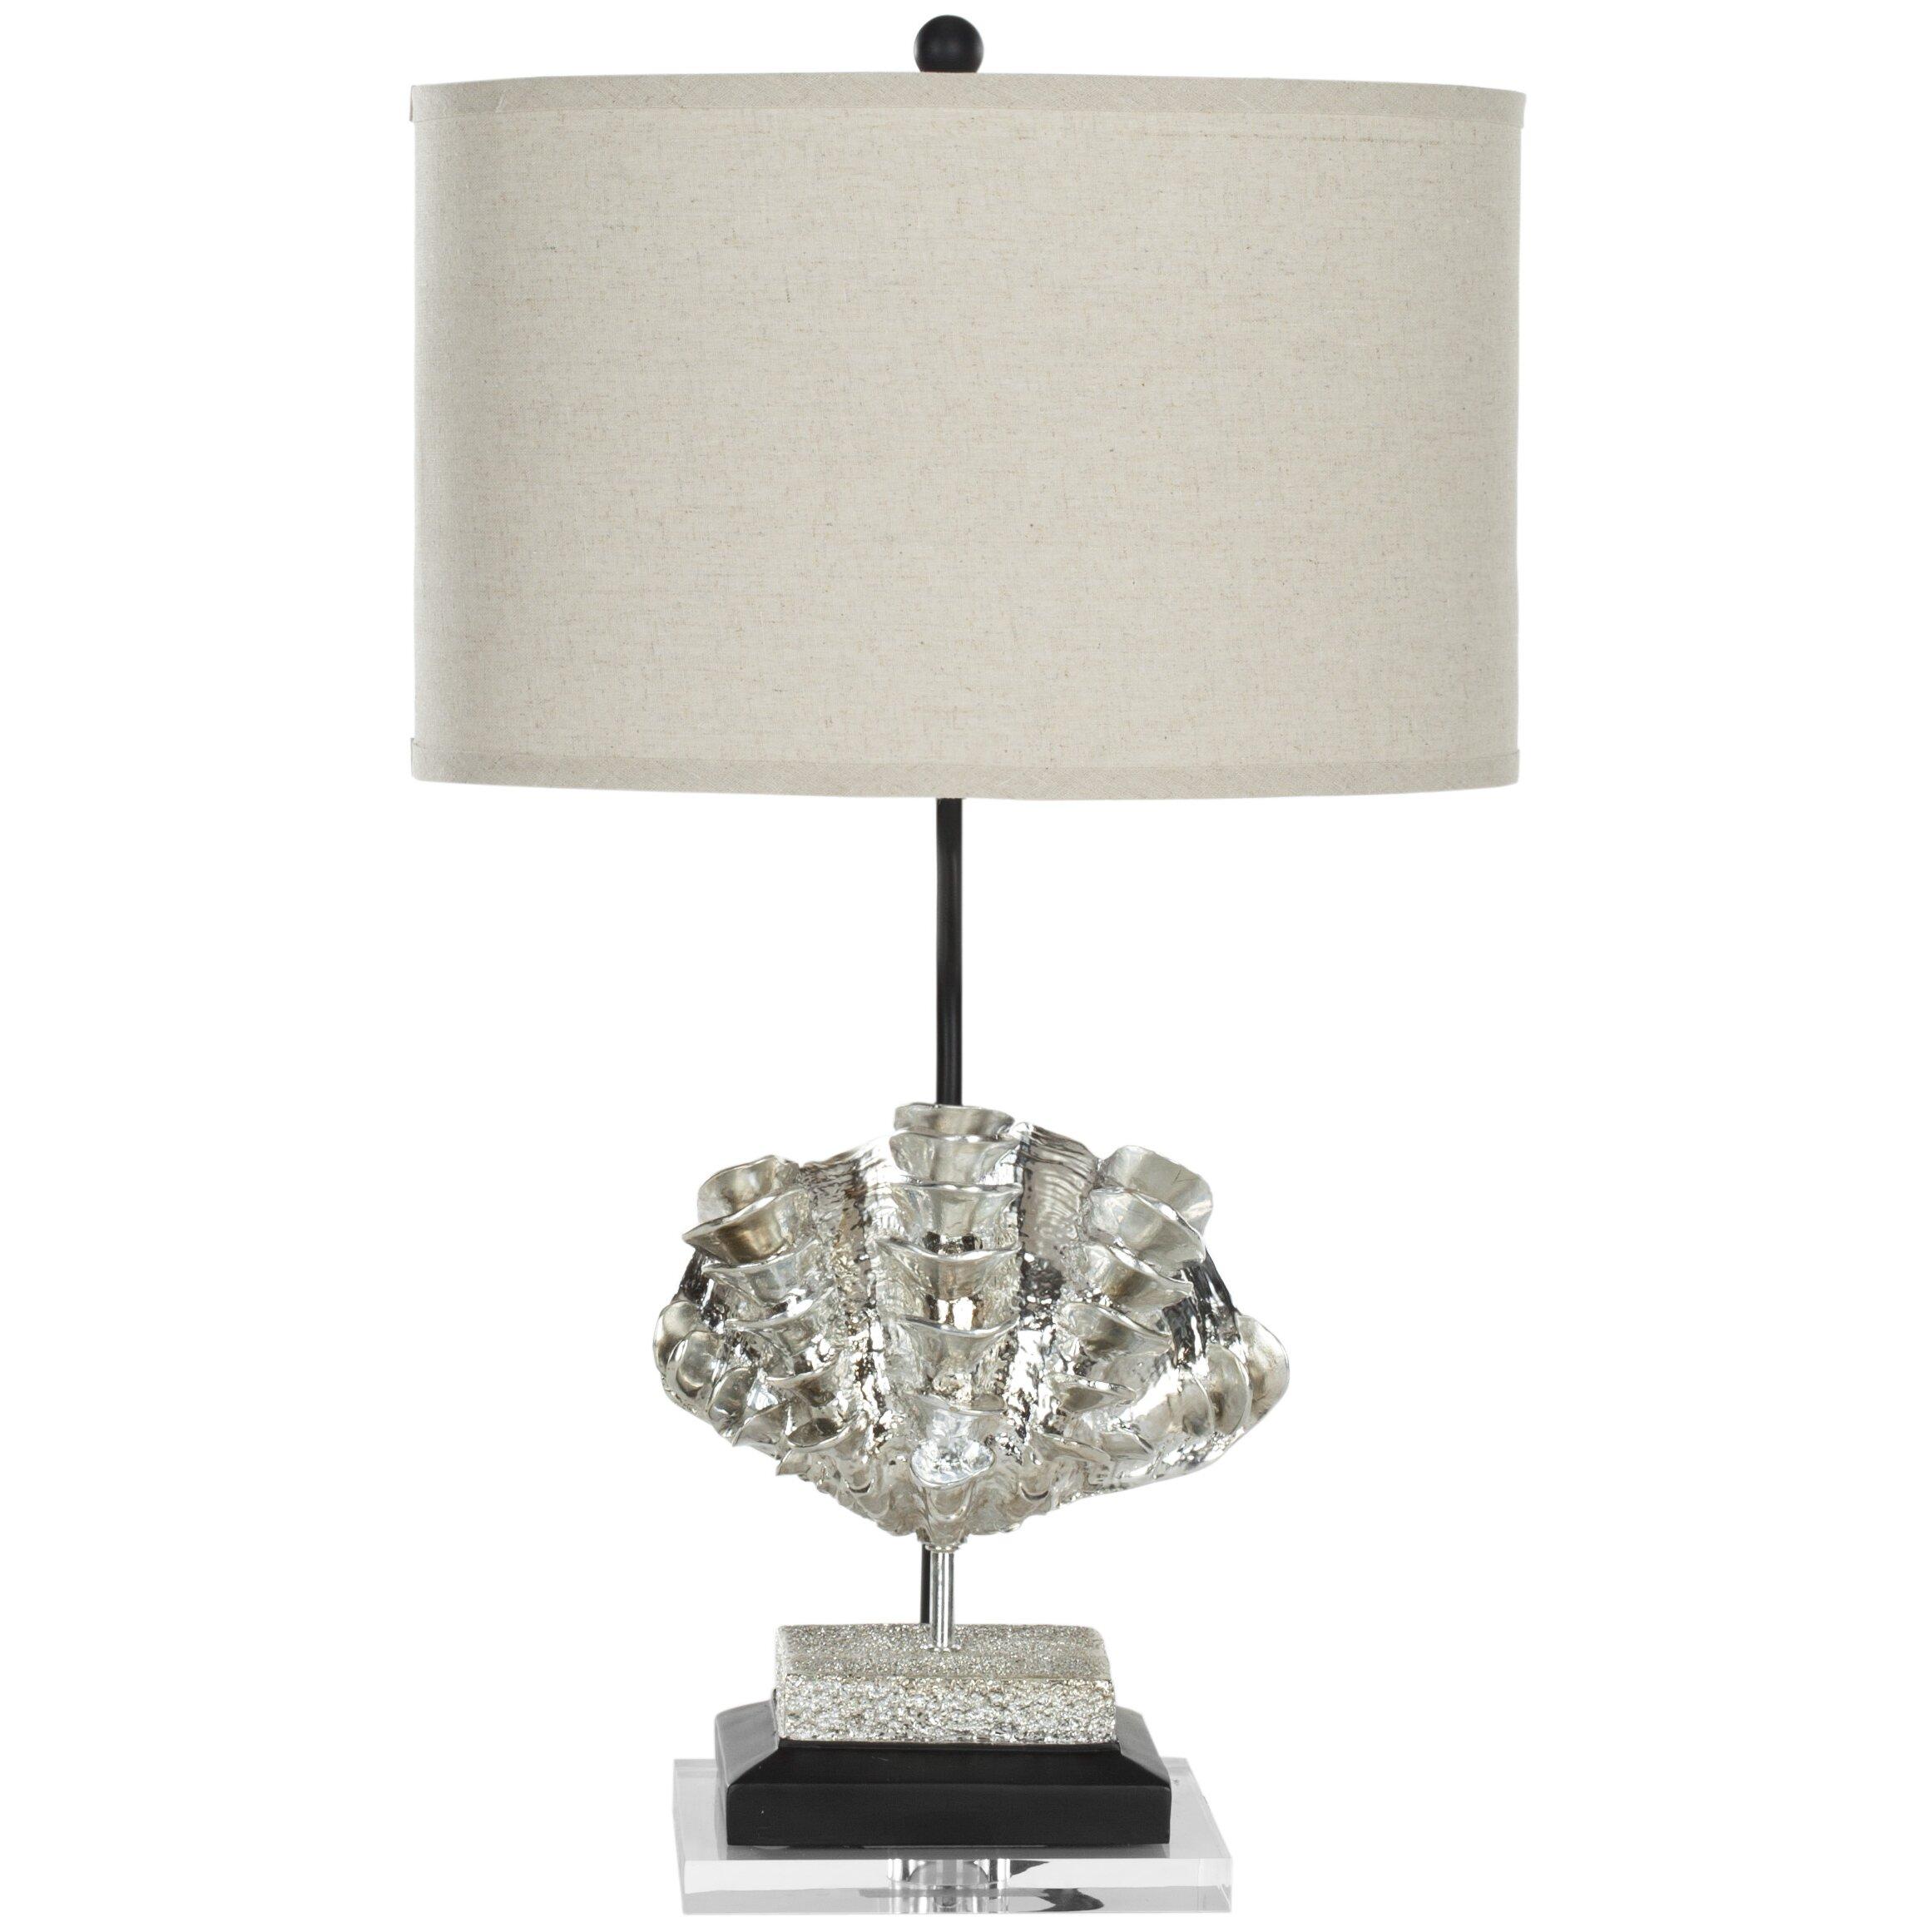 lighting lamps table lamps safavieh sku fv22378. Black Bedroom Furniture Sets. Home Design Ideas